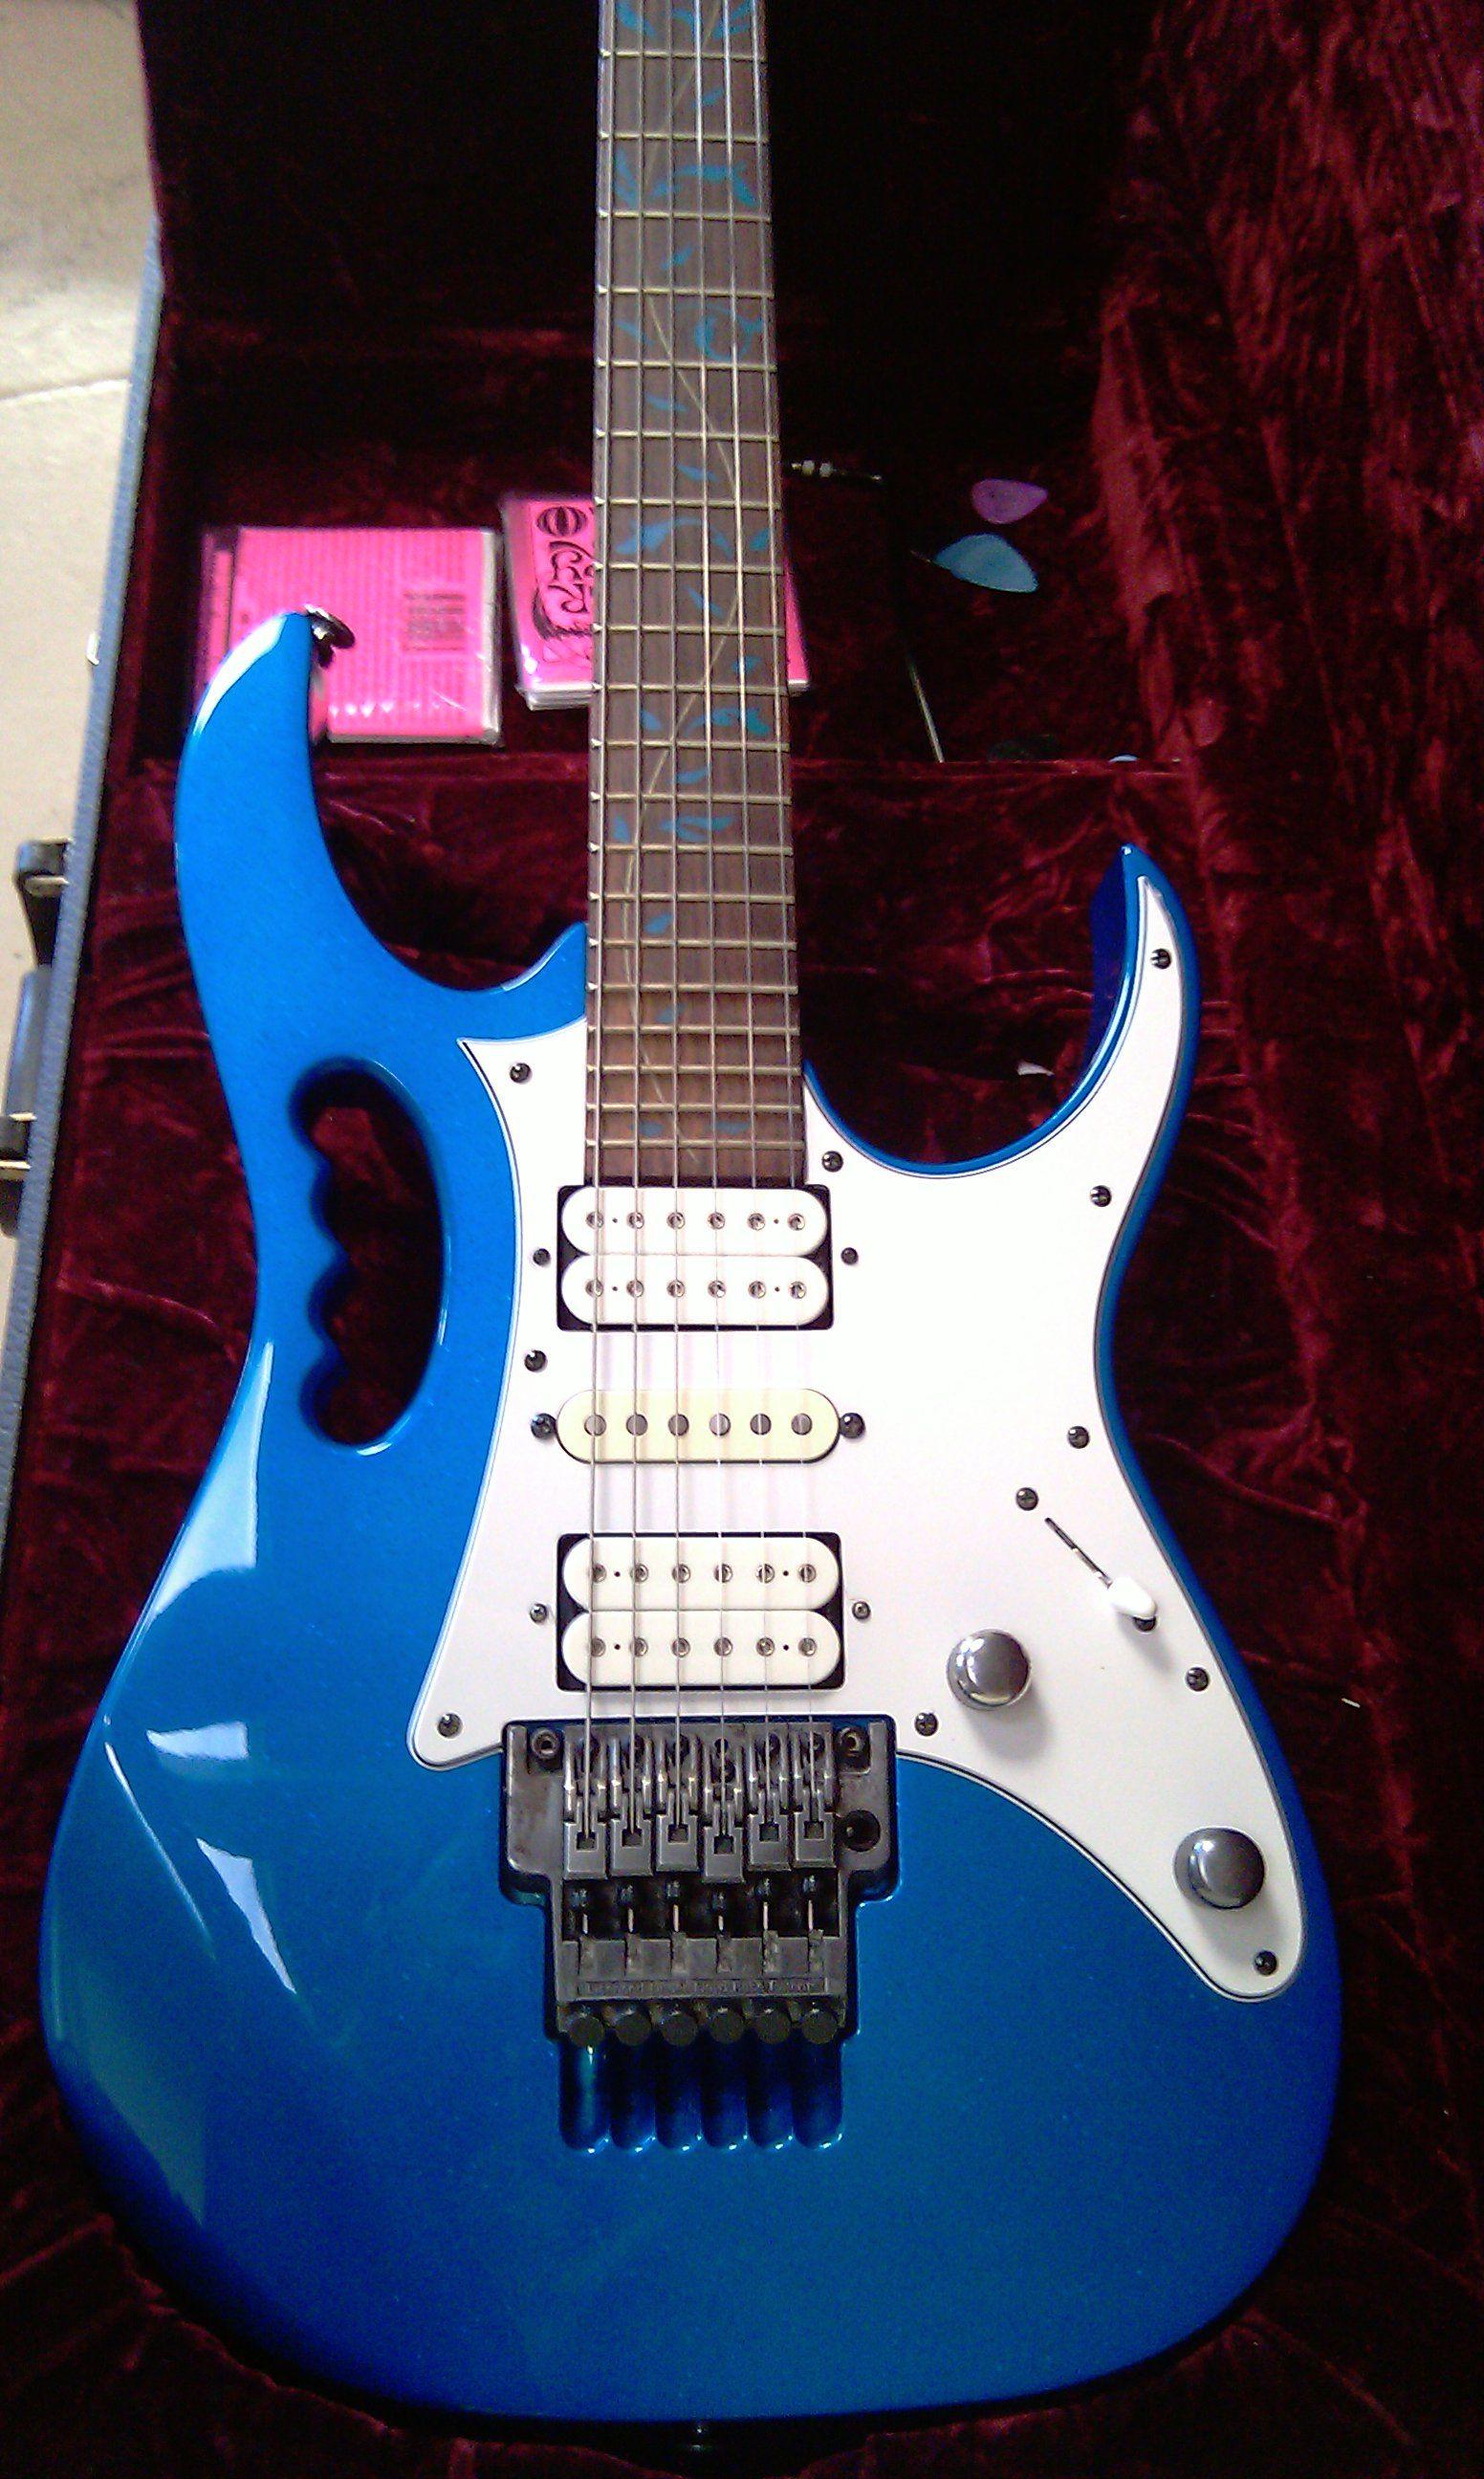 ibanez sparkle blue jem 7vsbl products i love guitar heavy metal guitar guitar pics. Black Bedroom Furniture Sets. Home Design Ideas